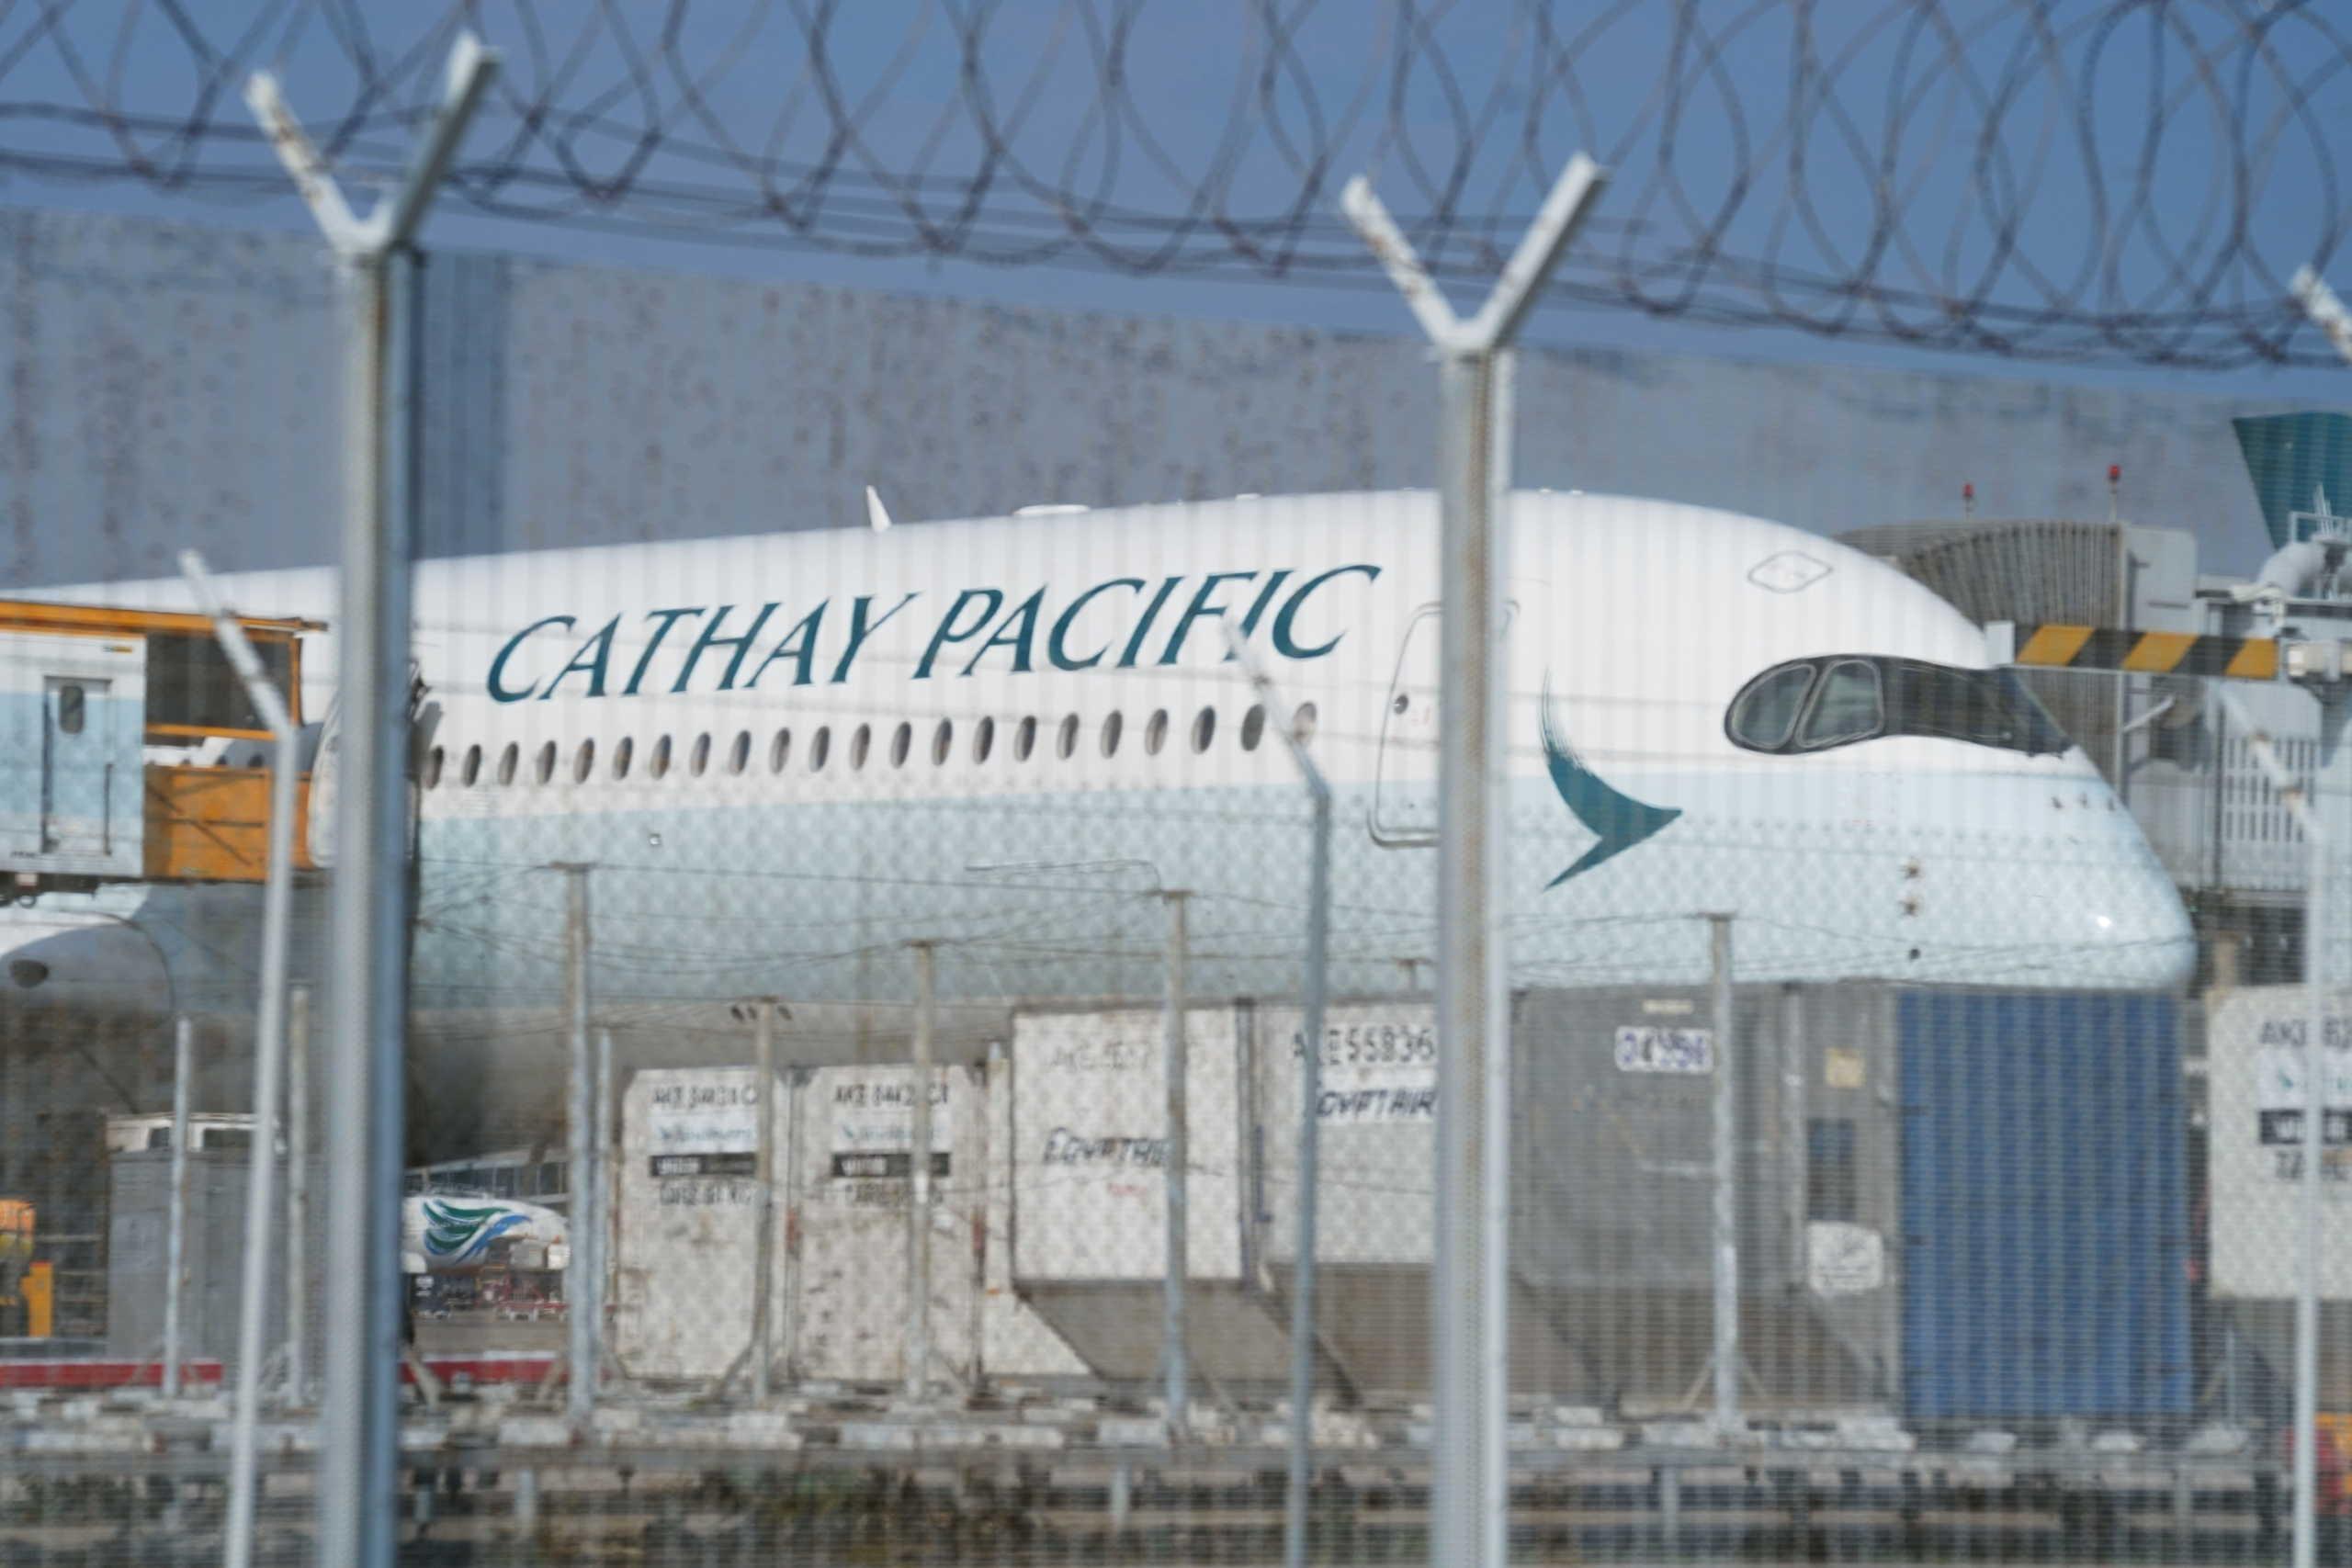 αεροπλάνο της αεροπορικής εταιρίας Cathay Pacific